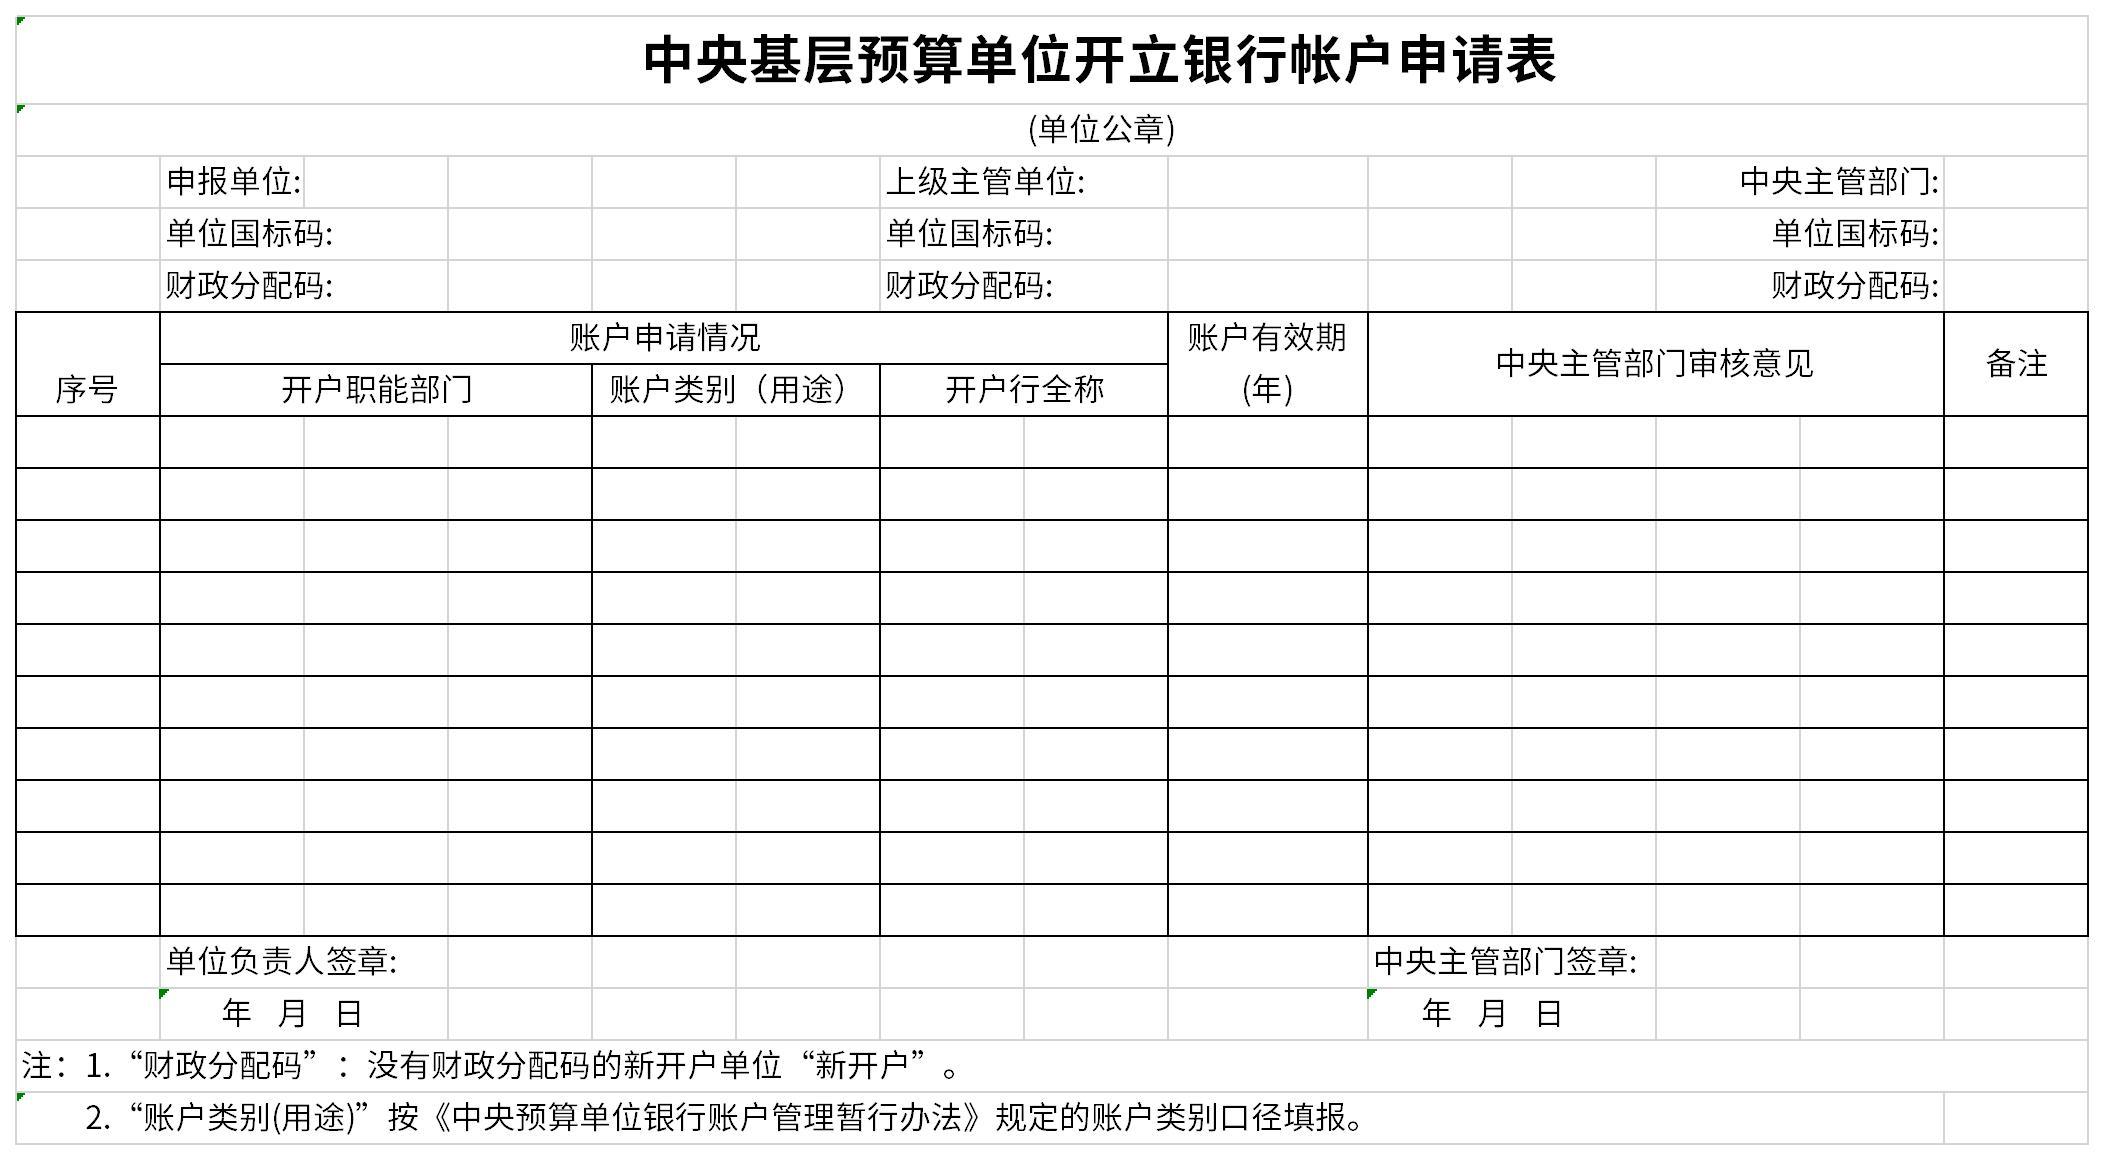 中央基层预算单位开立银行帐户申请表截图